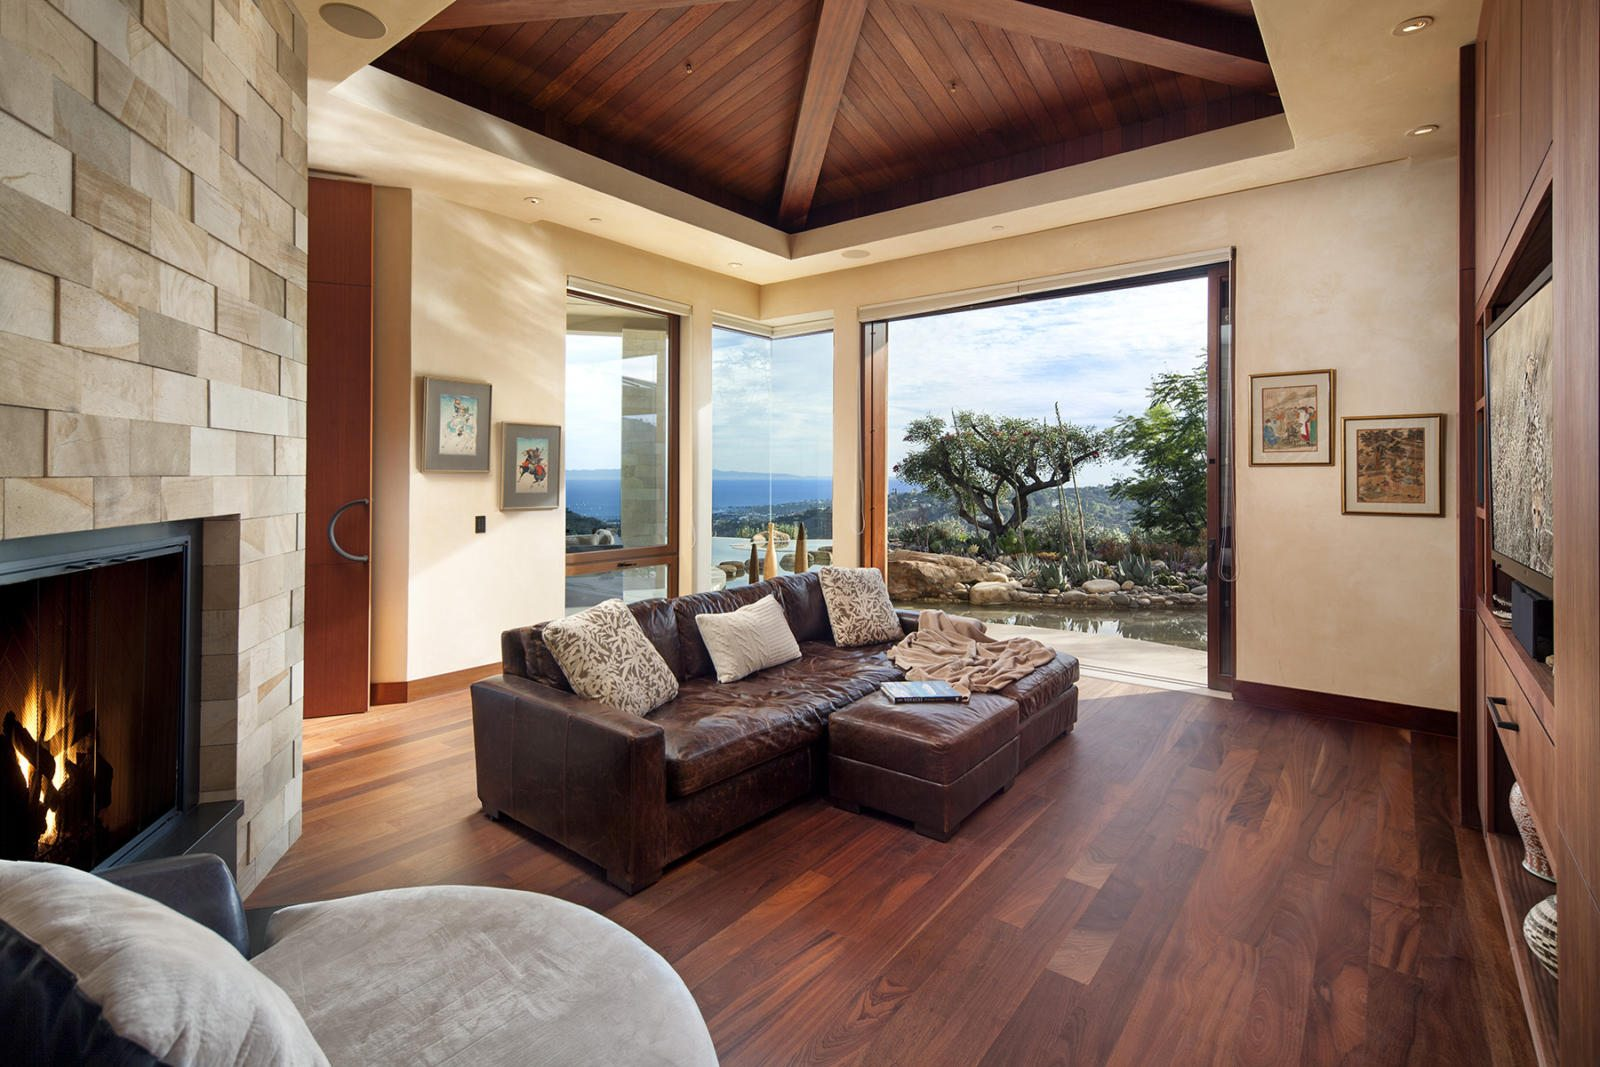 Modern-Indoor-Outdoor-Living-10-media-room.jpg